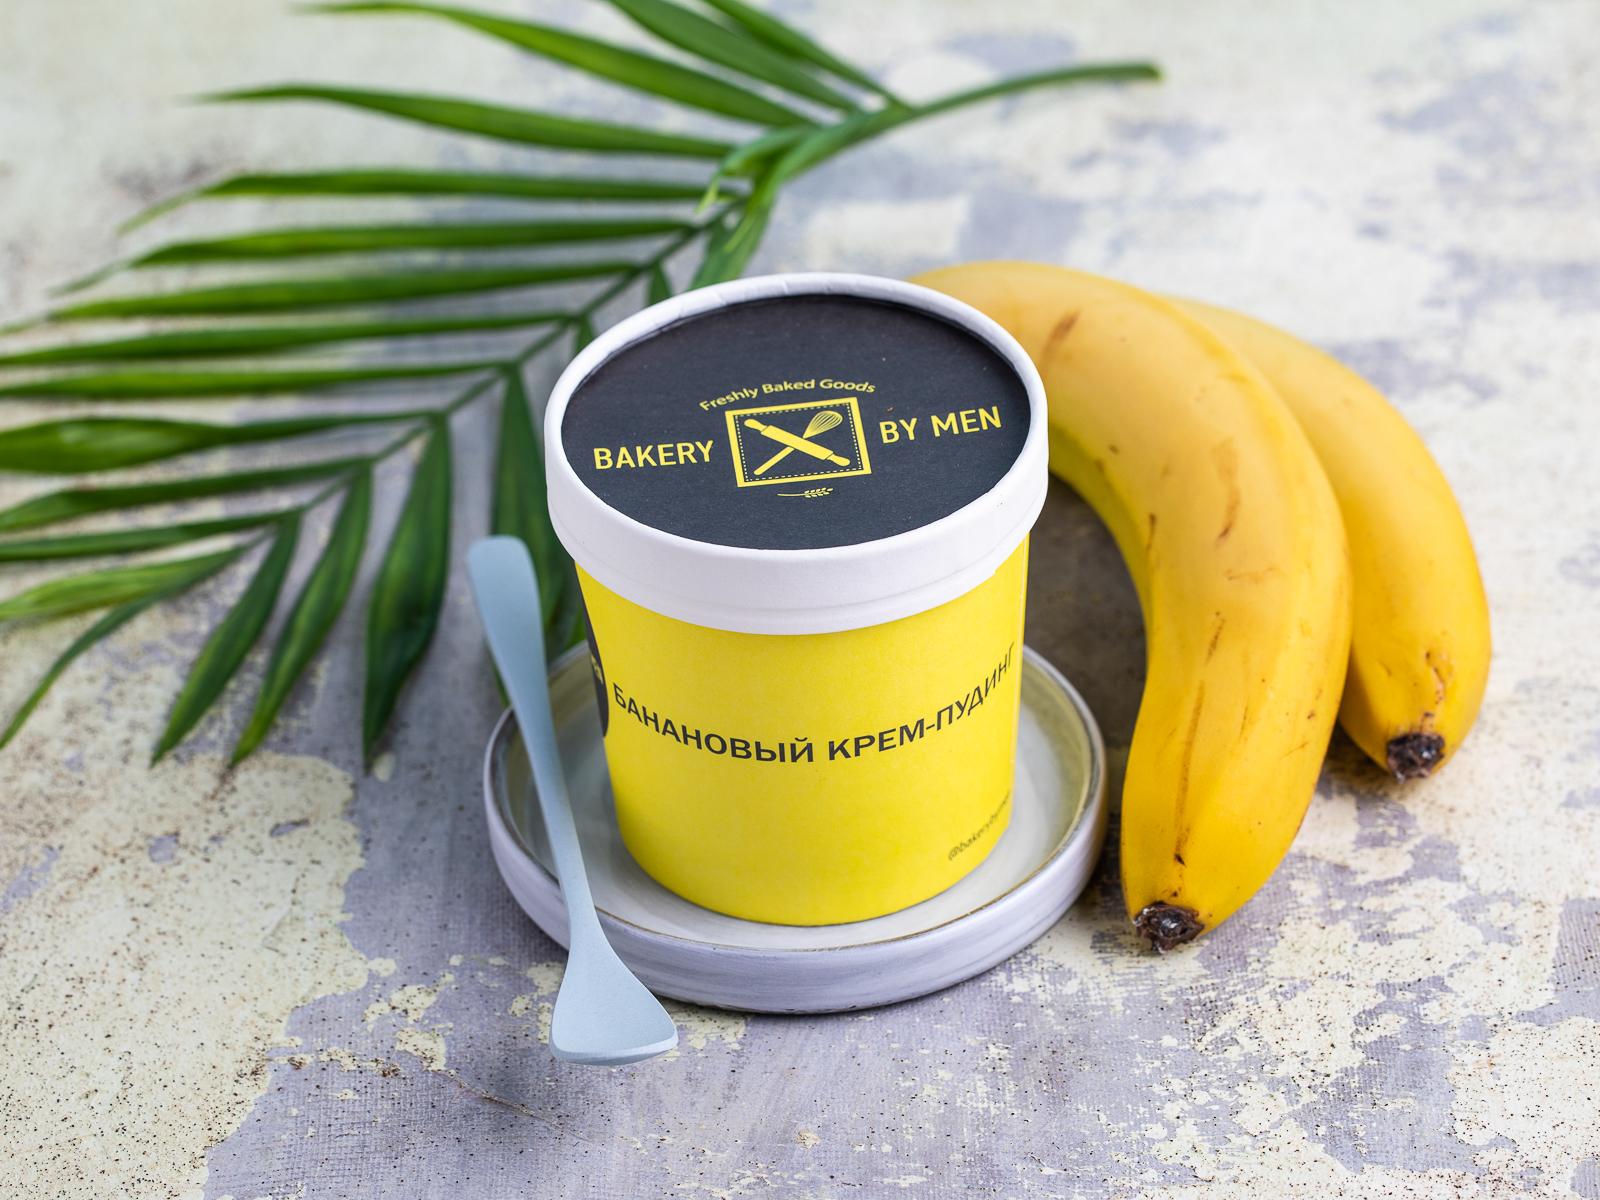 Банановый крем-пудинг